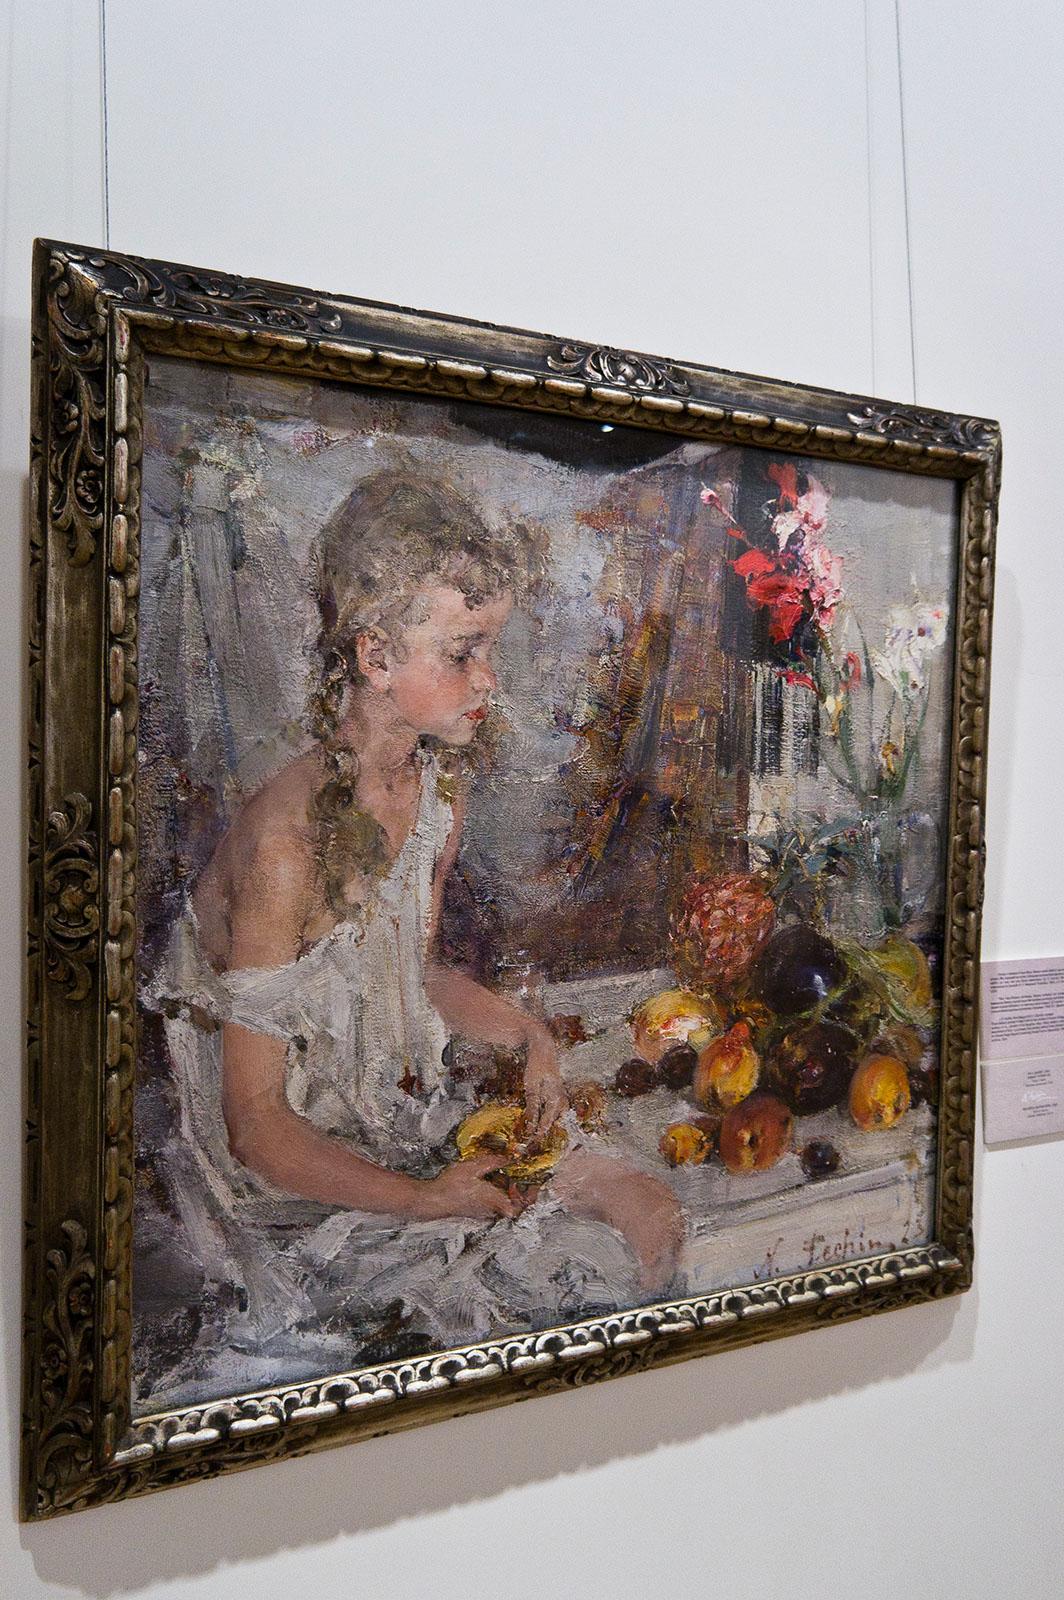 Николай Фешин. Ия с дыней. 1923. Фото: ©Елена Сунгатова, art16.ru